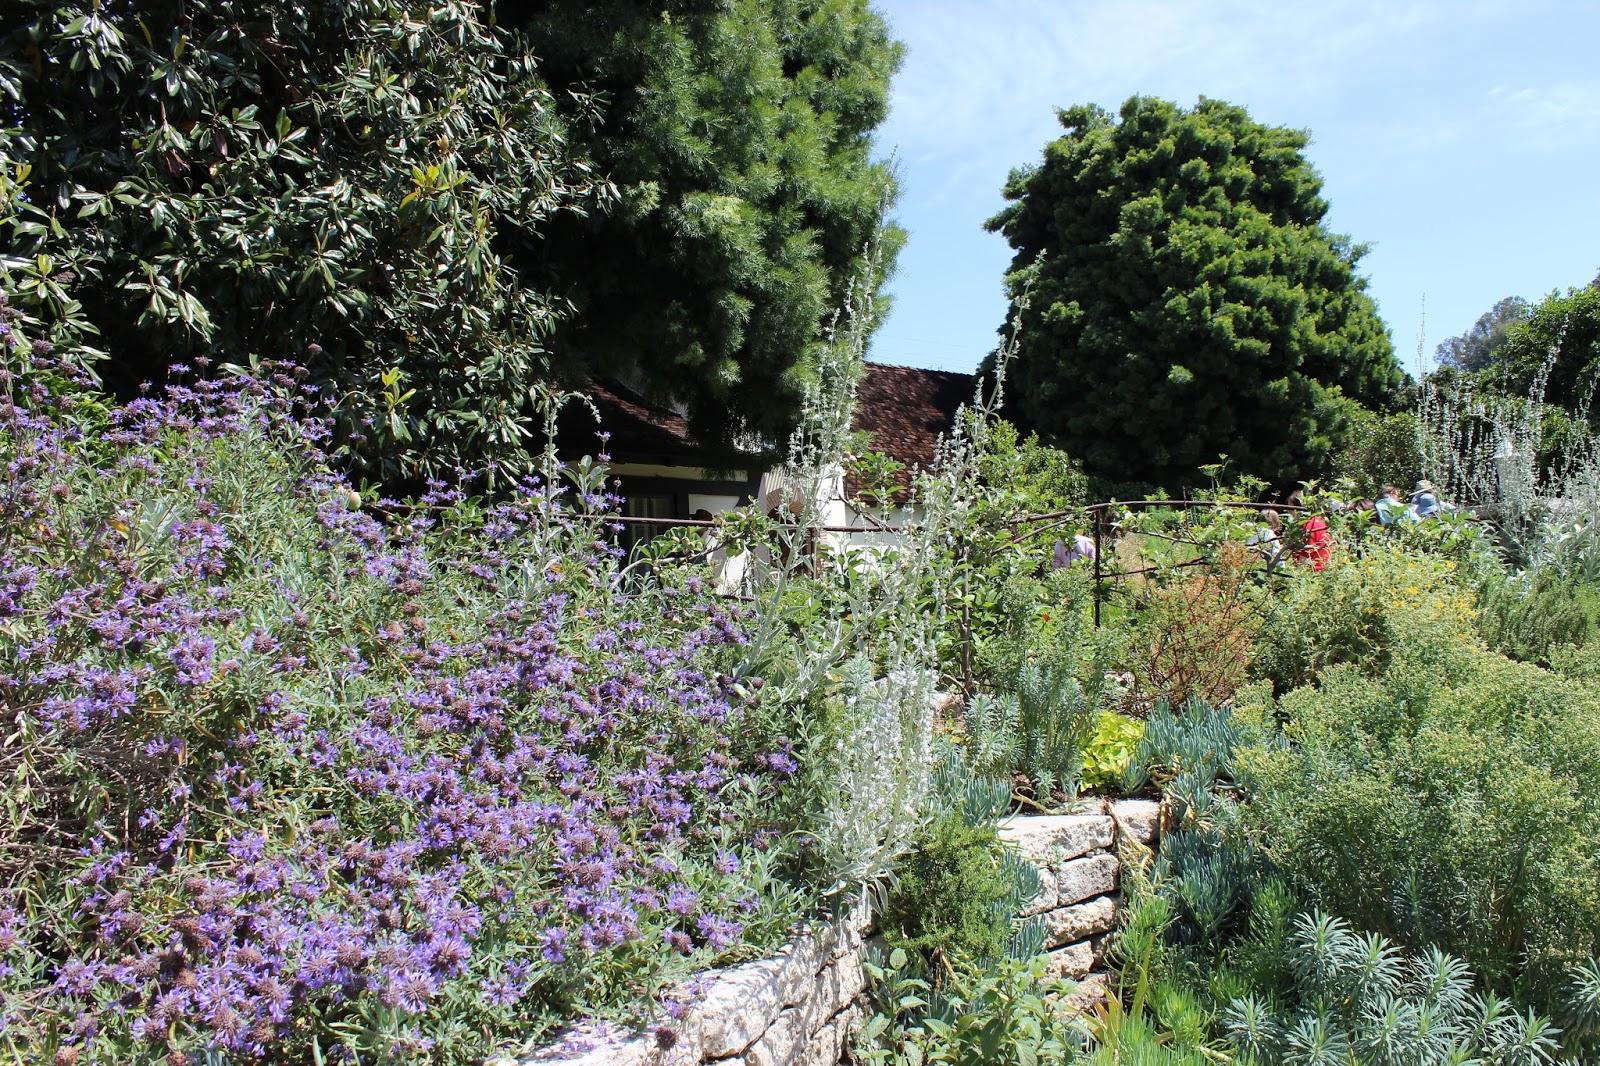 A Very Good Life 2015 Garden Conservancy Open Days Pasadena The Reardon Family Garden